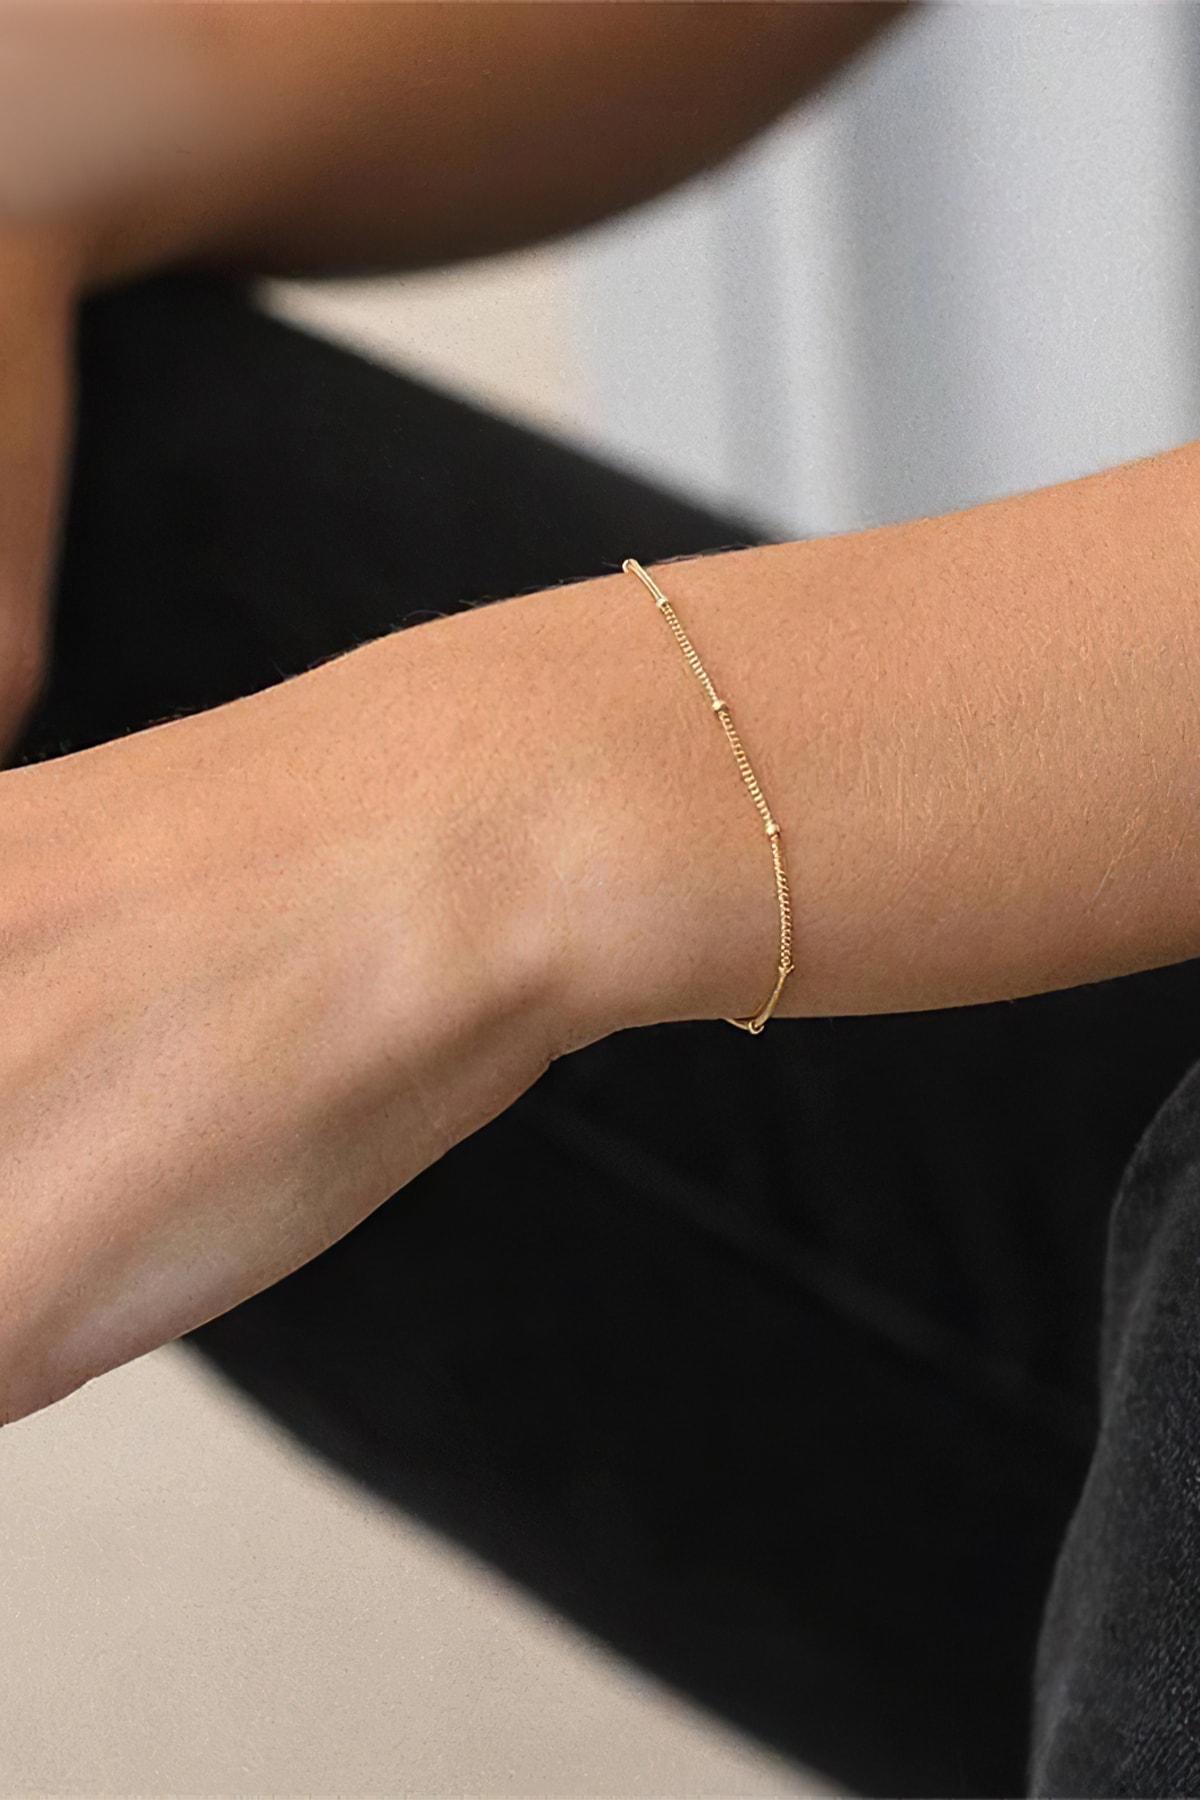 Roza Silver Kadın Altın Rengi Zarif Boncuk Süslemeli Gümüş Bileklik 1